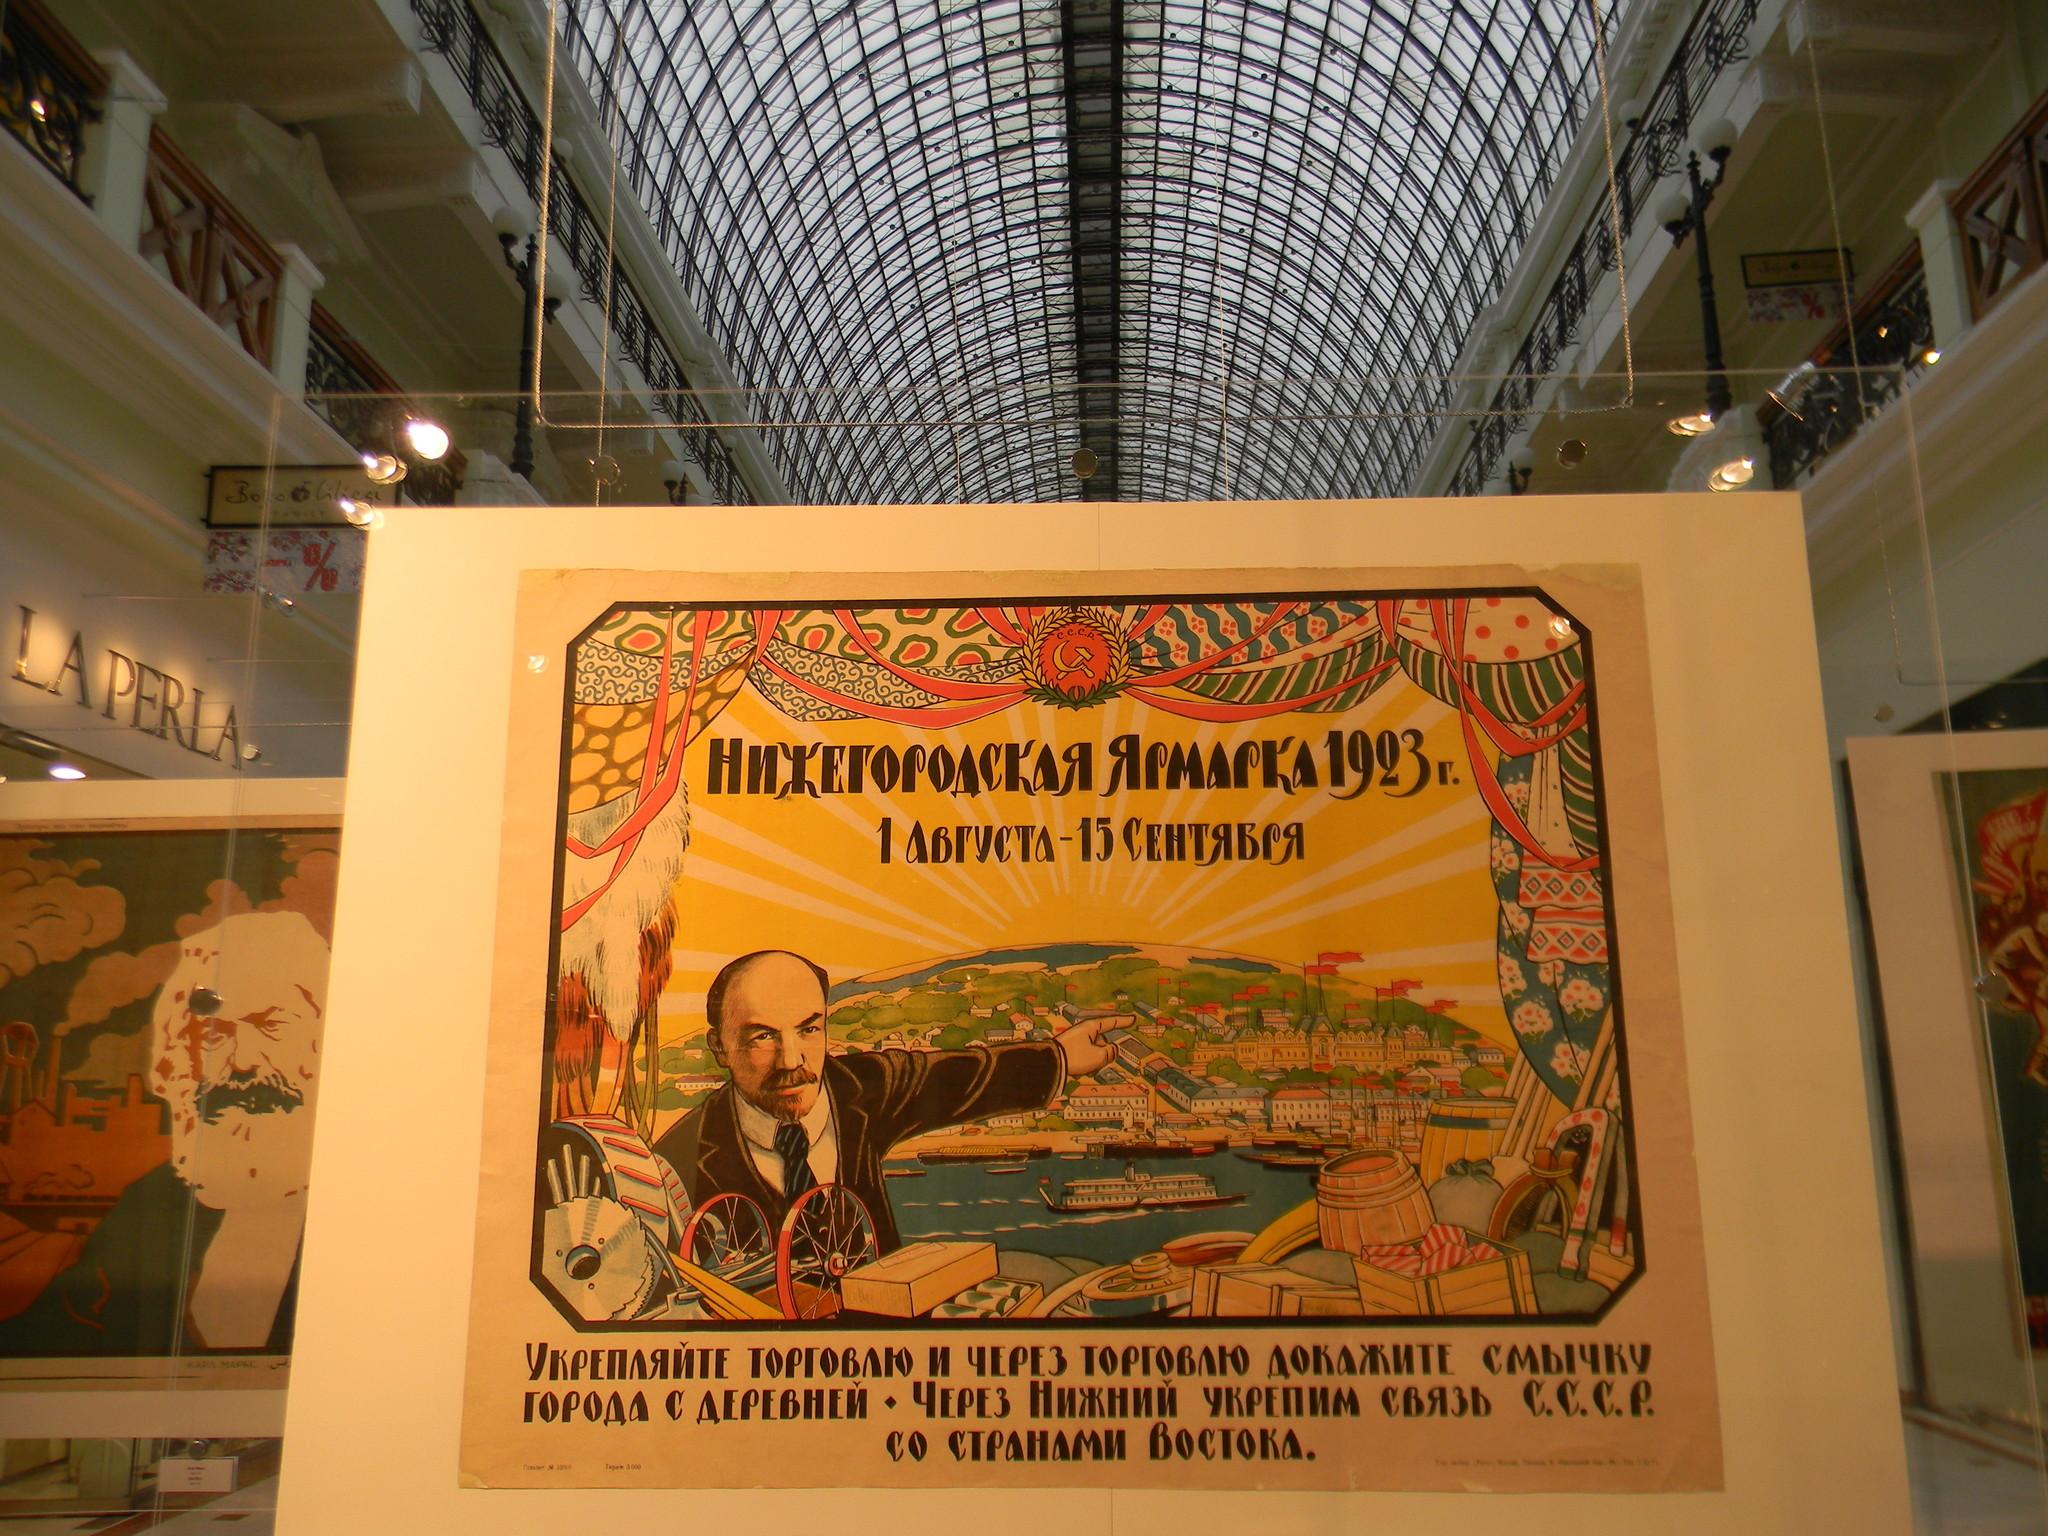 Выставка советских плакатов 1920-1980-х годов Смерть мировому капиталу!